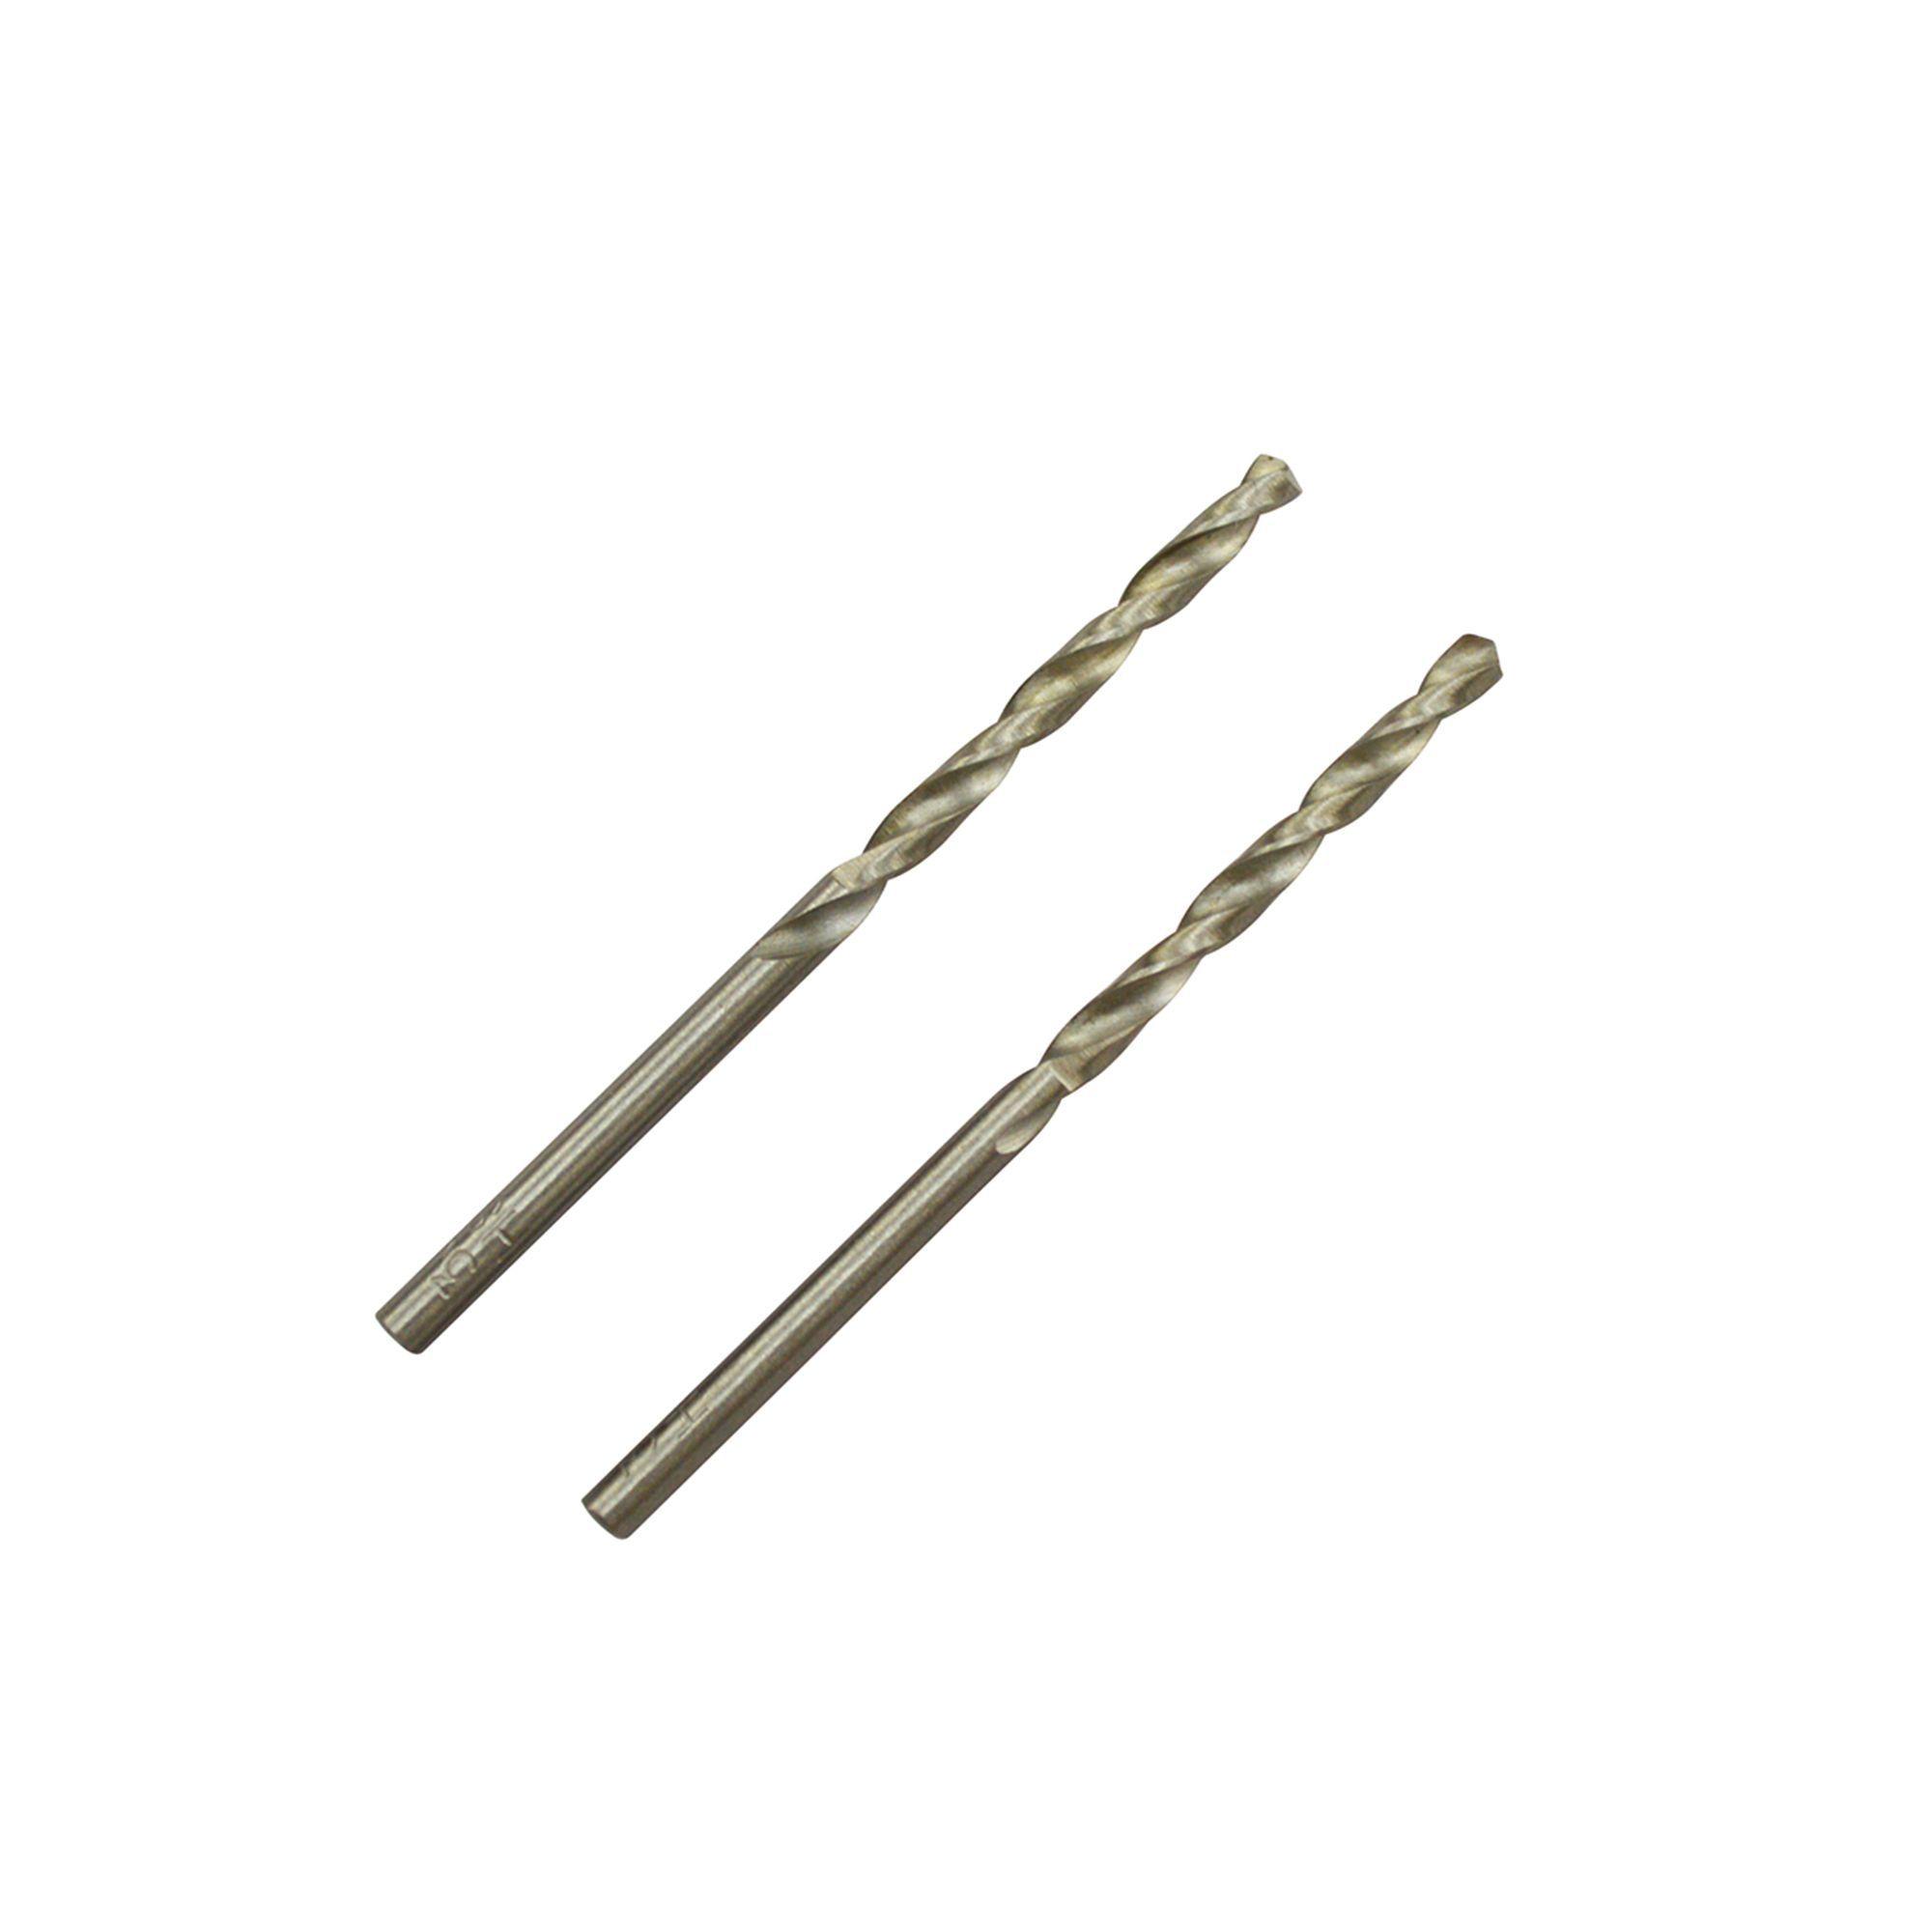 Universal High Speed Steel Metal Drill Bit (dia)3mm (l)61mm, Pack Of 2